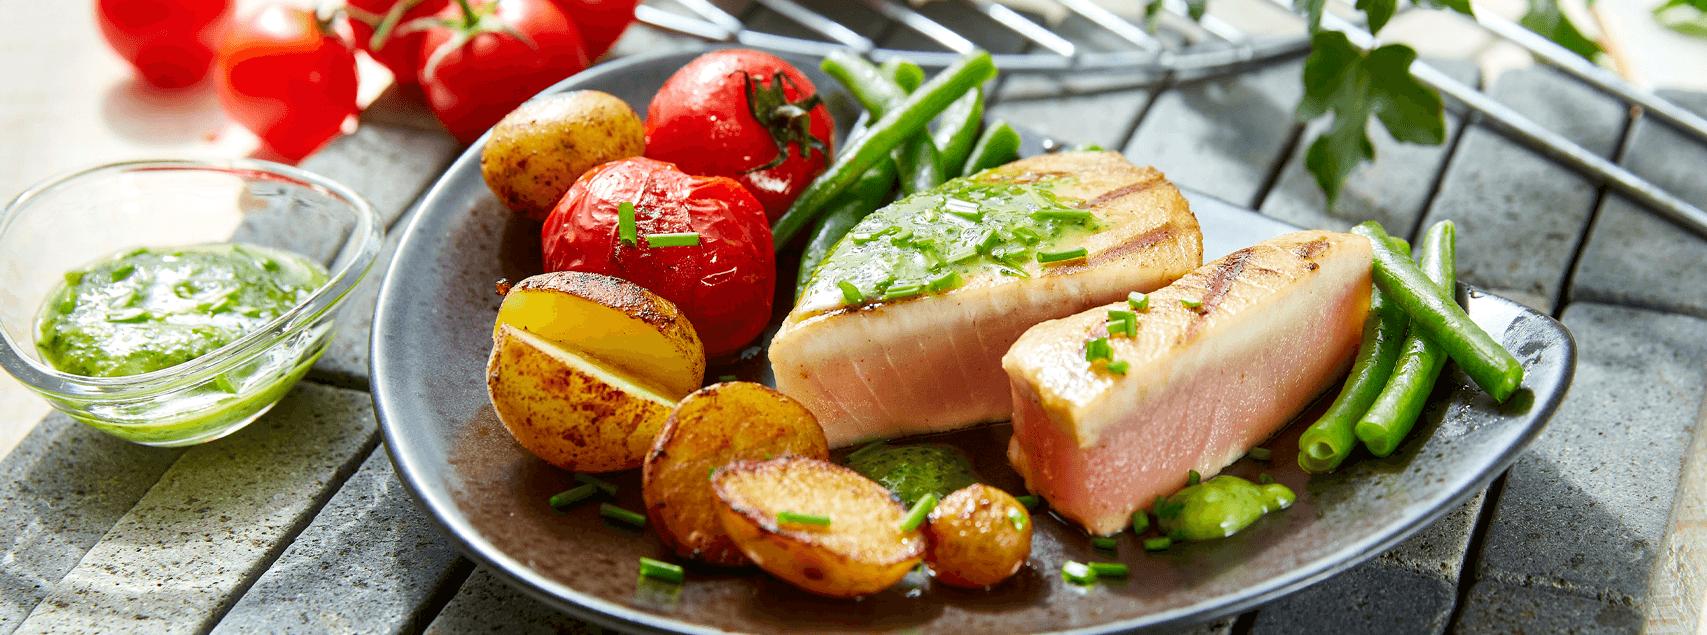 Steaks de thon au barbecue et  pommes de terre grenailles